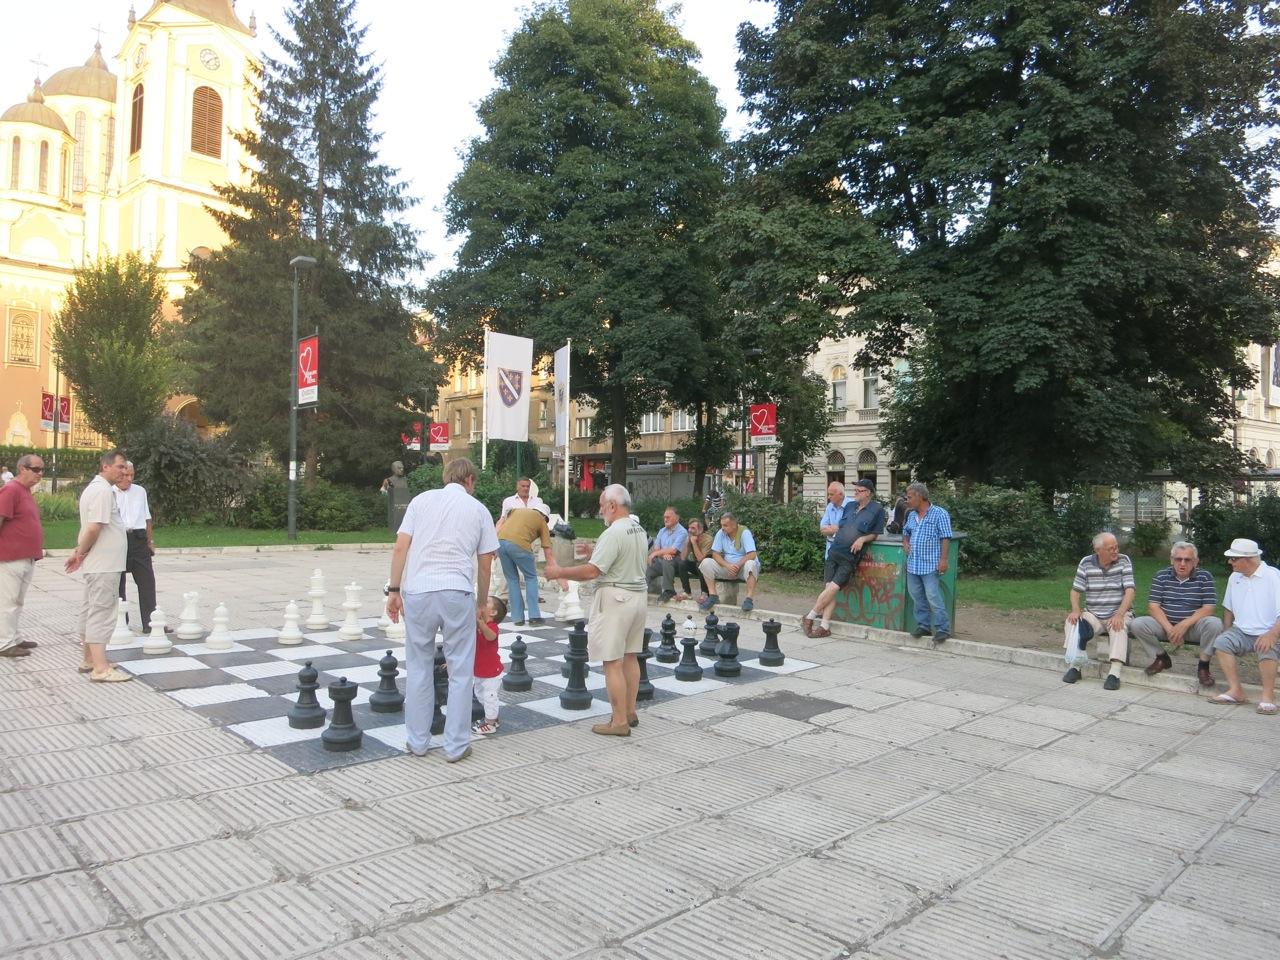 Sarajevo 2-16